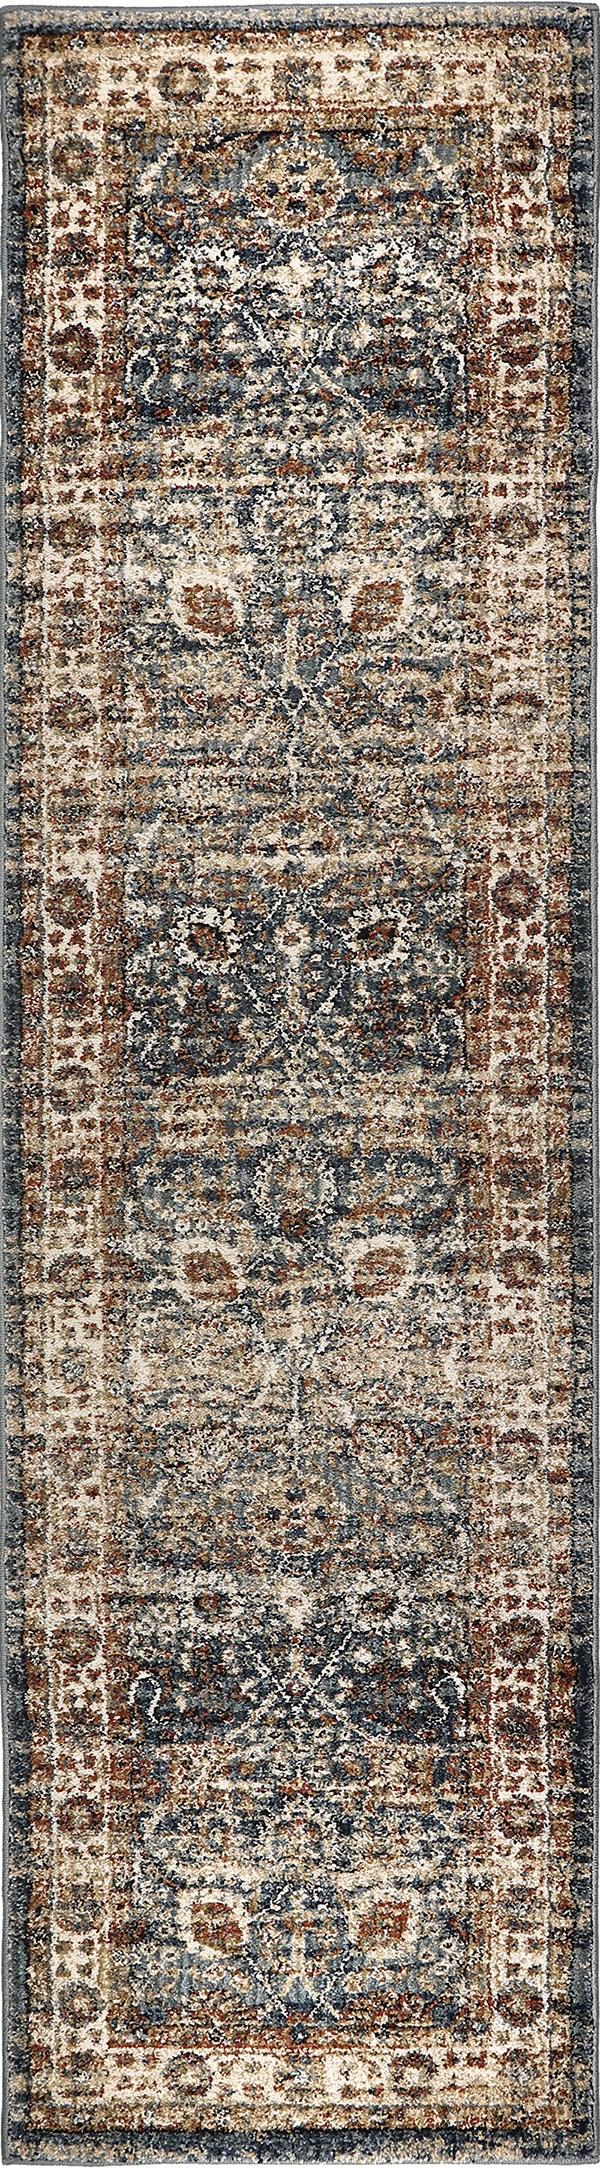 Indigo, Blue, Ivory, Rust (8222) Vintage / Overdyed Area Rug